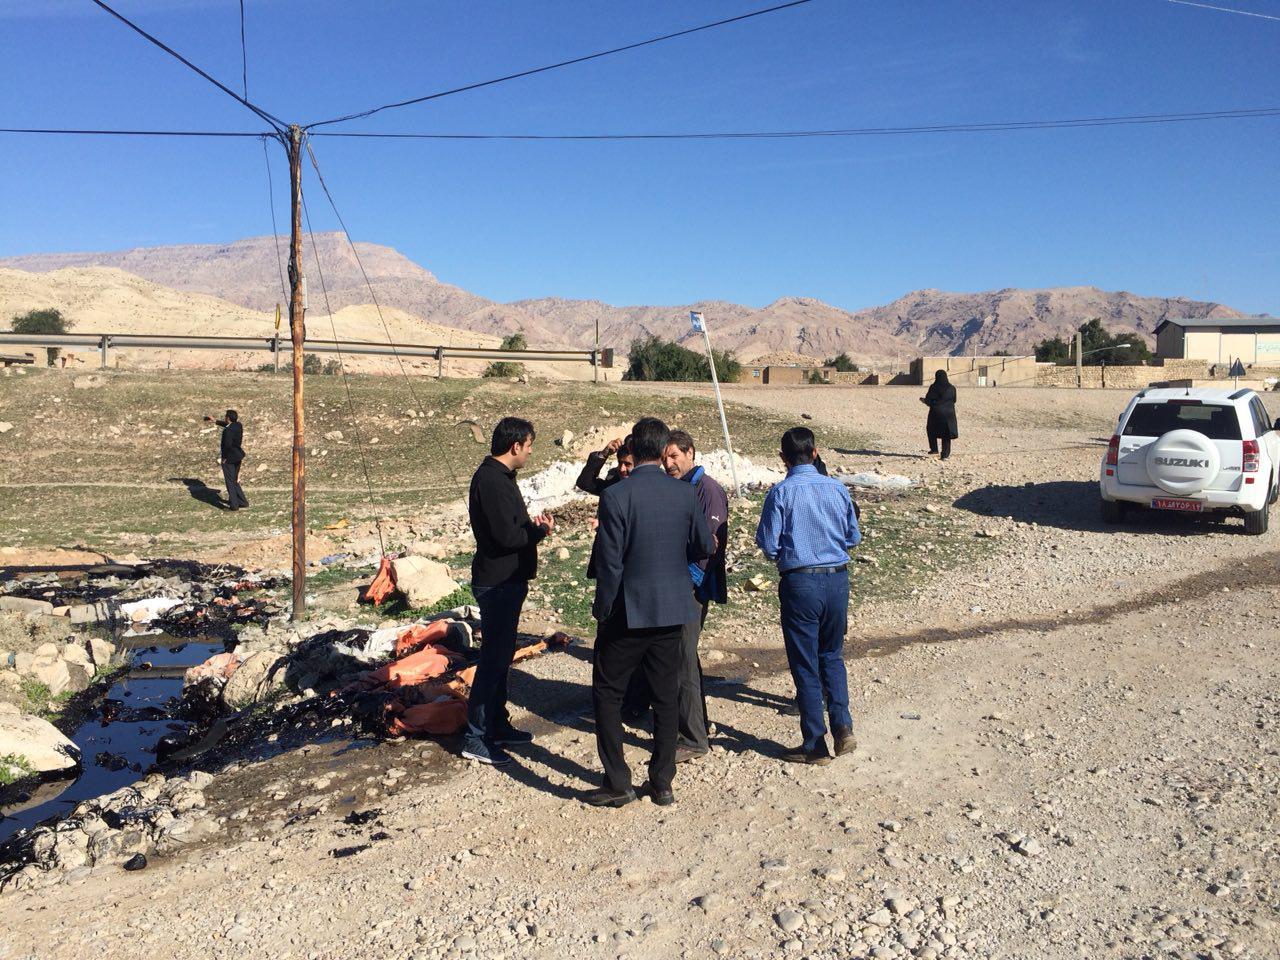 بررسی زیست محیطی حادثه نفت کش در دهستان پاعلم شهرستان پلدختر